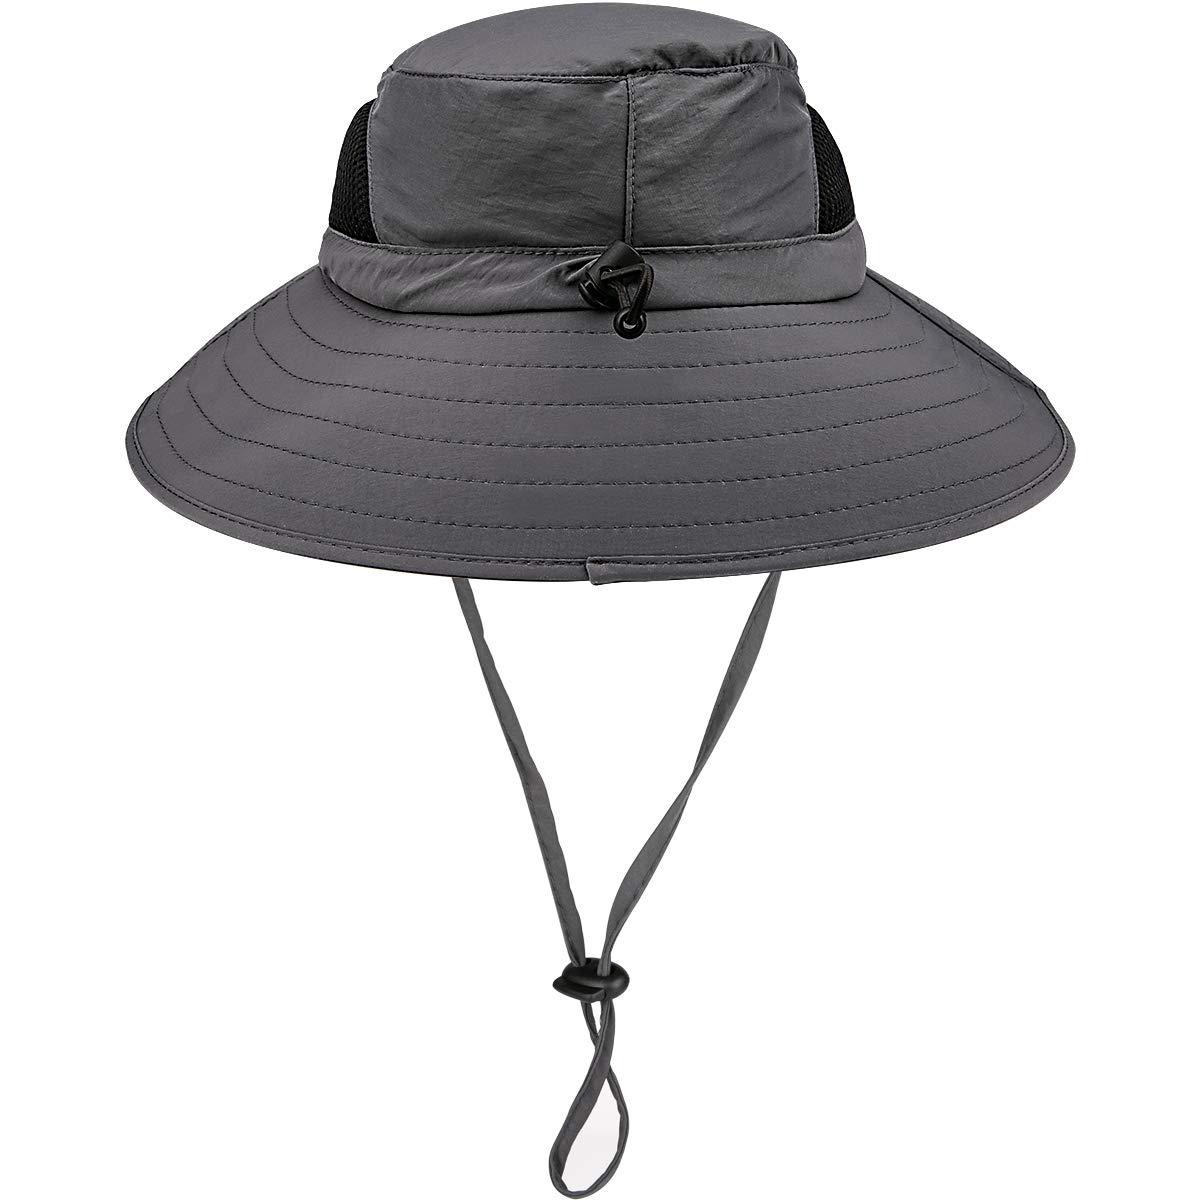 HOHOTO Donna Cappello da pescatore da uomo con fasce e fascia, cappello da trekking protegge da sole e pioggia, impermeabile ad asciugatura rapida e protezione UV UPF 50+